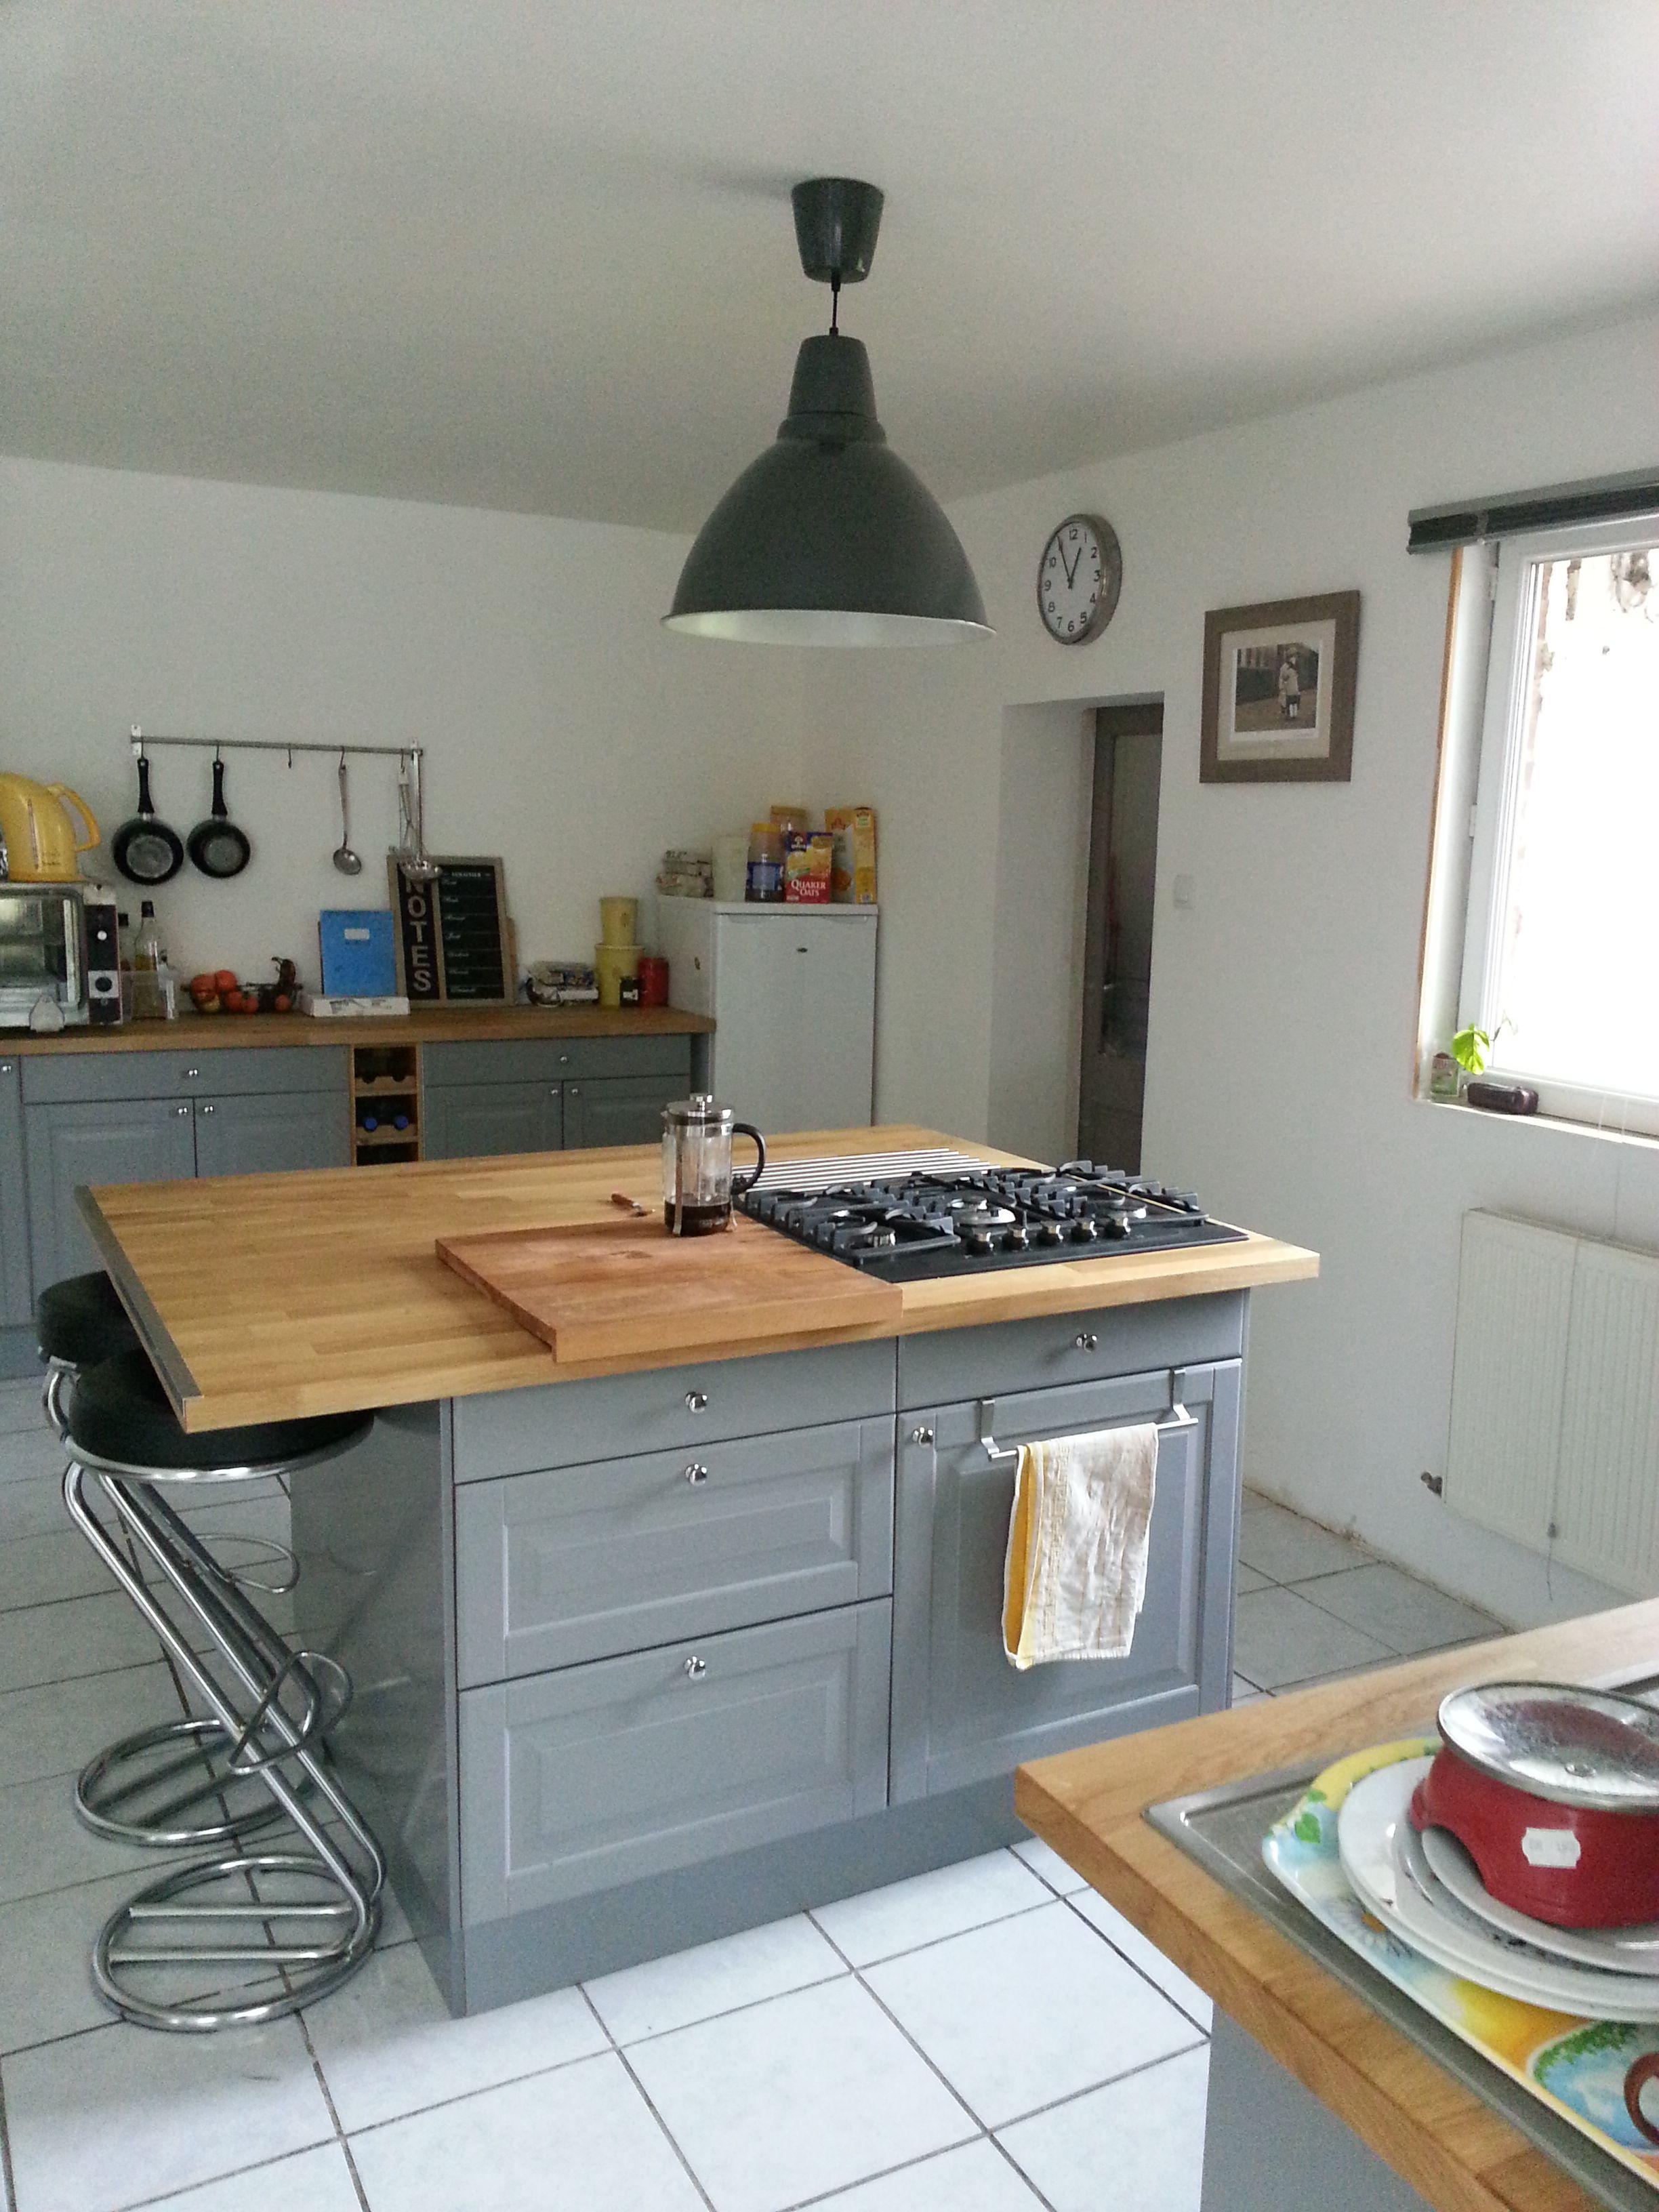 Cuisine Ikea Grise Plan De Travail Bois Kitchen Design Cuisine Ikea Home